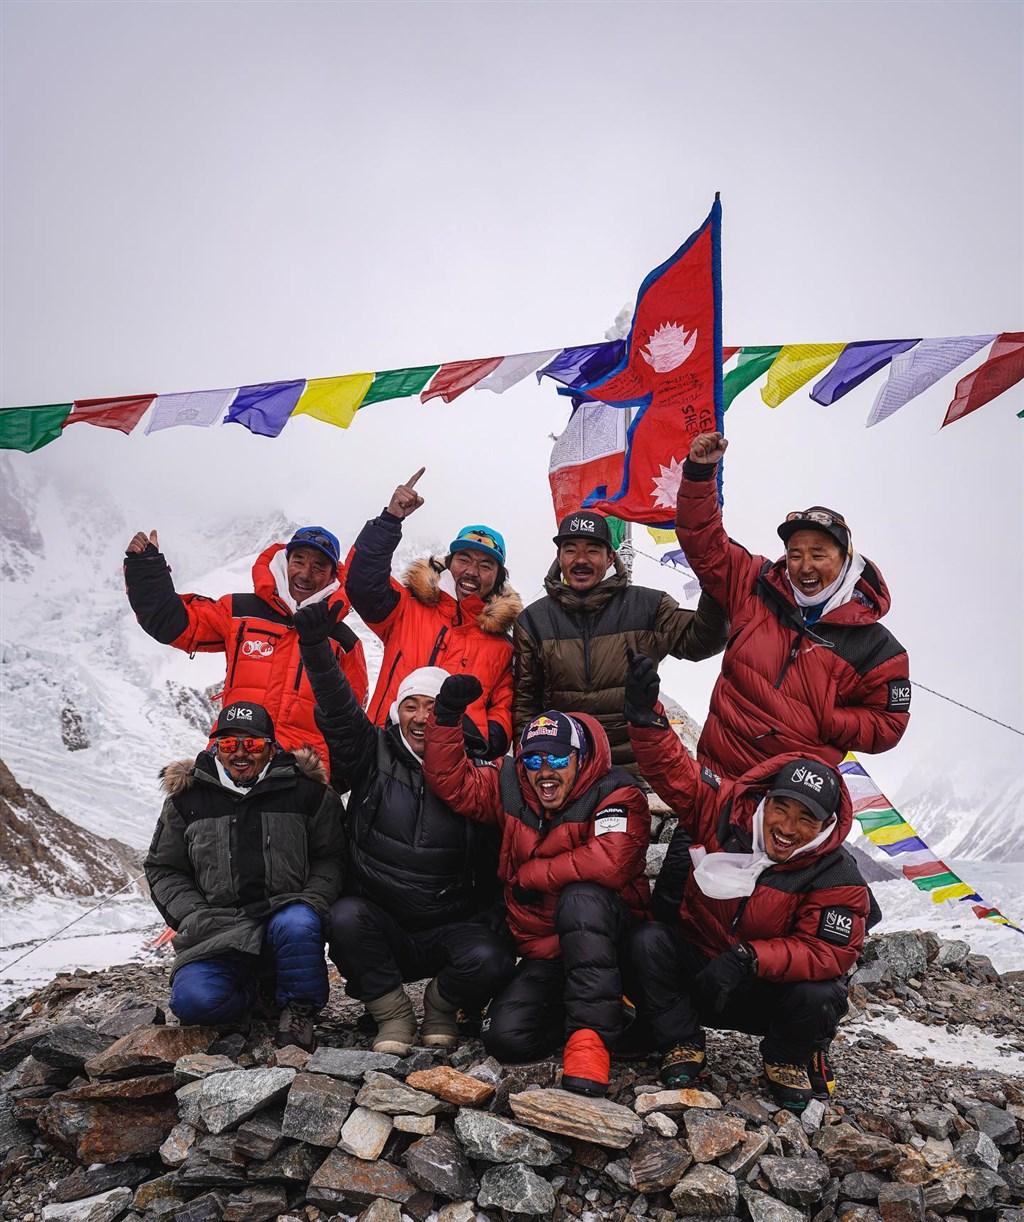 海拔8611公尺、世界第2高的喬戈里峰(K2)原是全球8000公尺以上高山中,唯一一座人類不曾在冬天征服的山峰。這項紀錄在當地時間16日下午5時終於被打破。(圖取自facebook.com/NimsPurja)